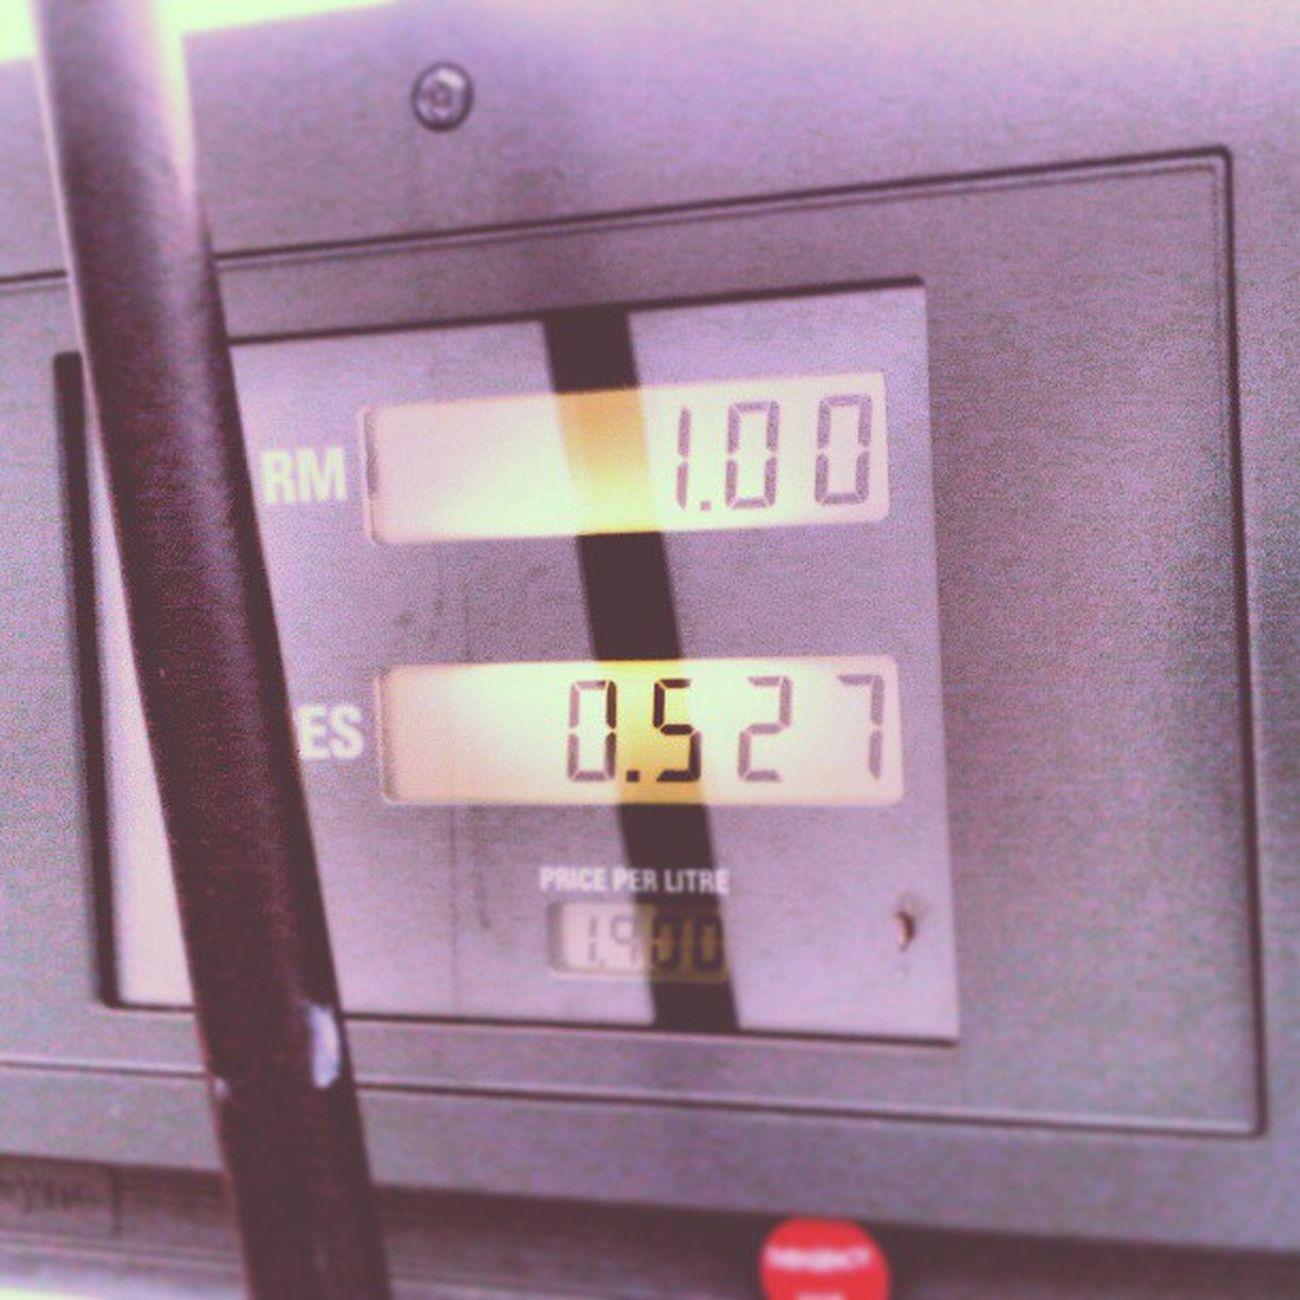 Kegawatan ekonomi beb, singgit je la isi minyak, tapi bukan ak ar, rader dpan nek ex5 haha Petrol Ron95 Petronas Today saving